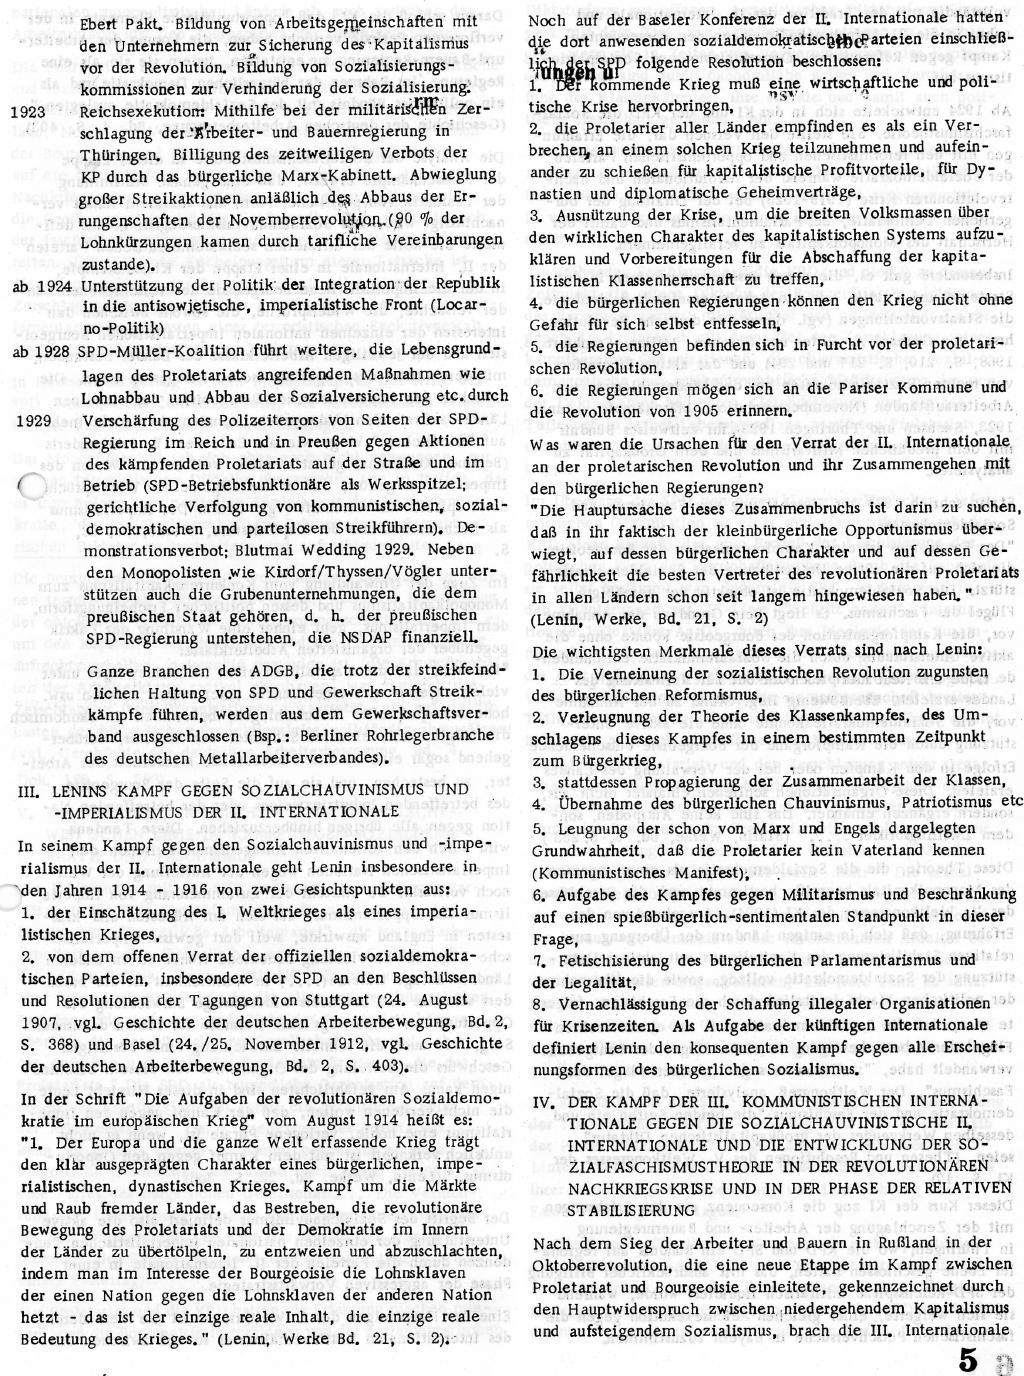 RPK_1970_087_05